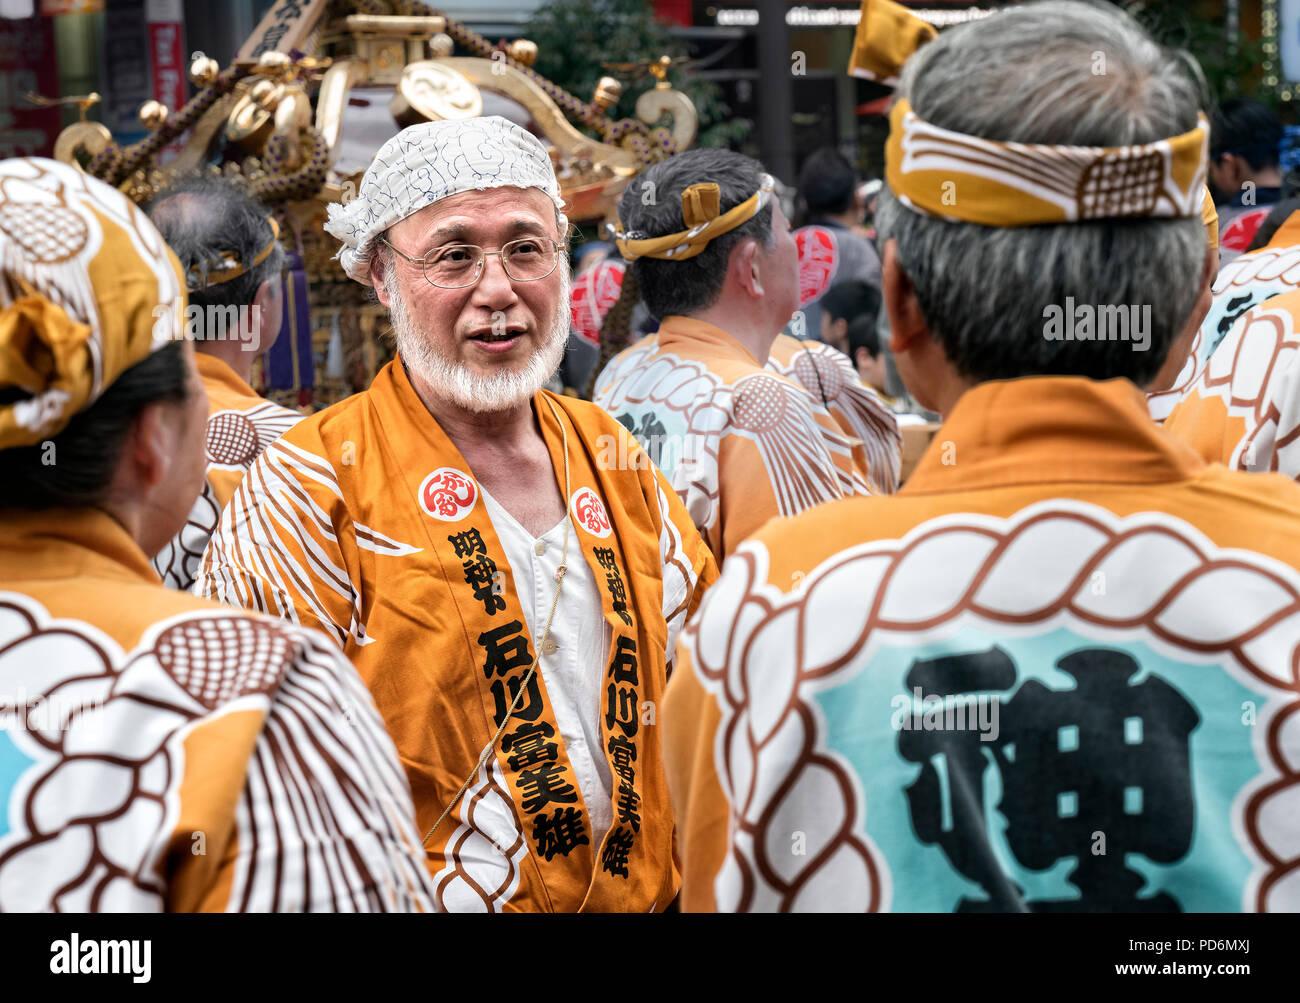 Japan, Insel Honshu, Kanto, Tokio, Festival, die Kanda matsuri. Stockbild